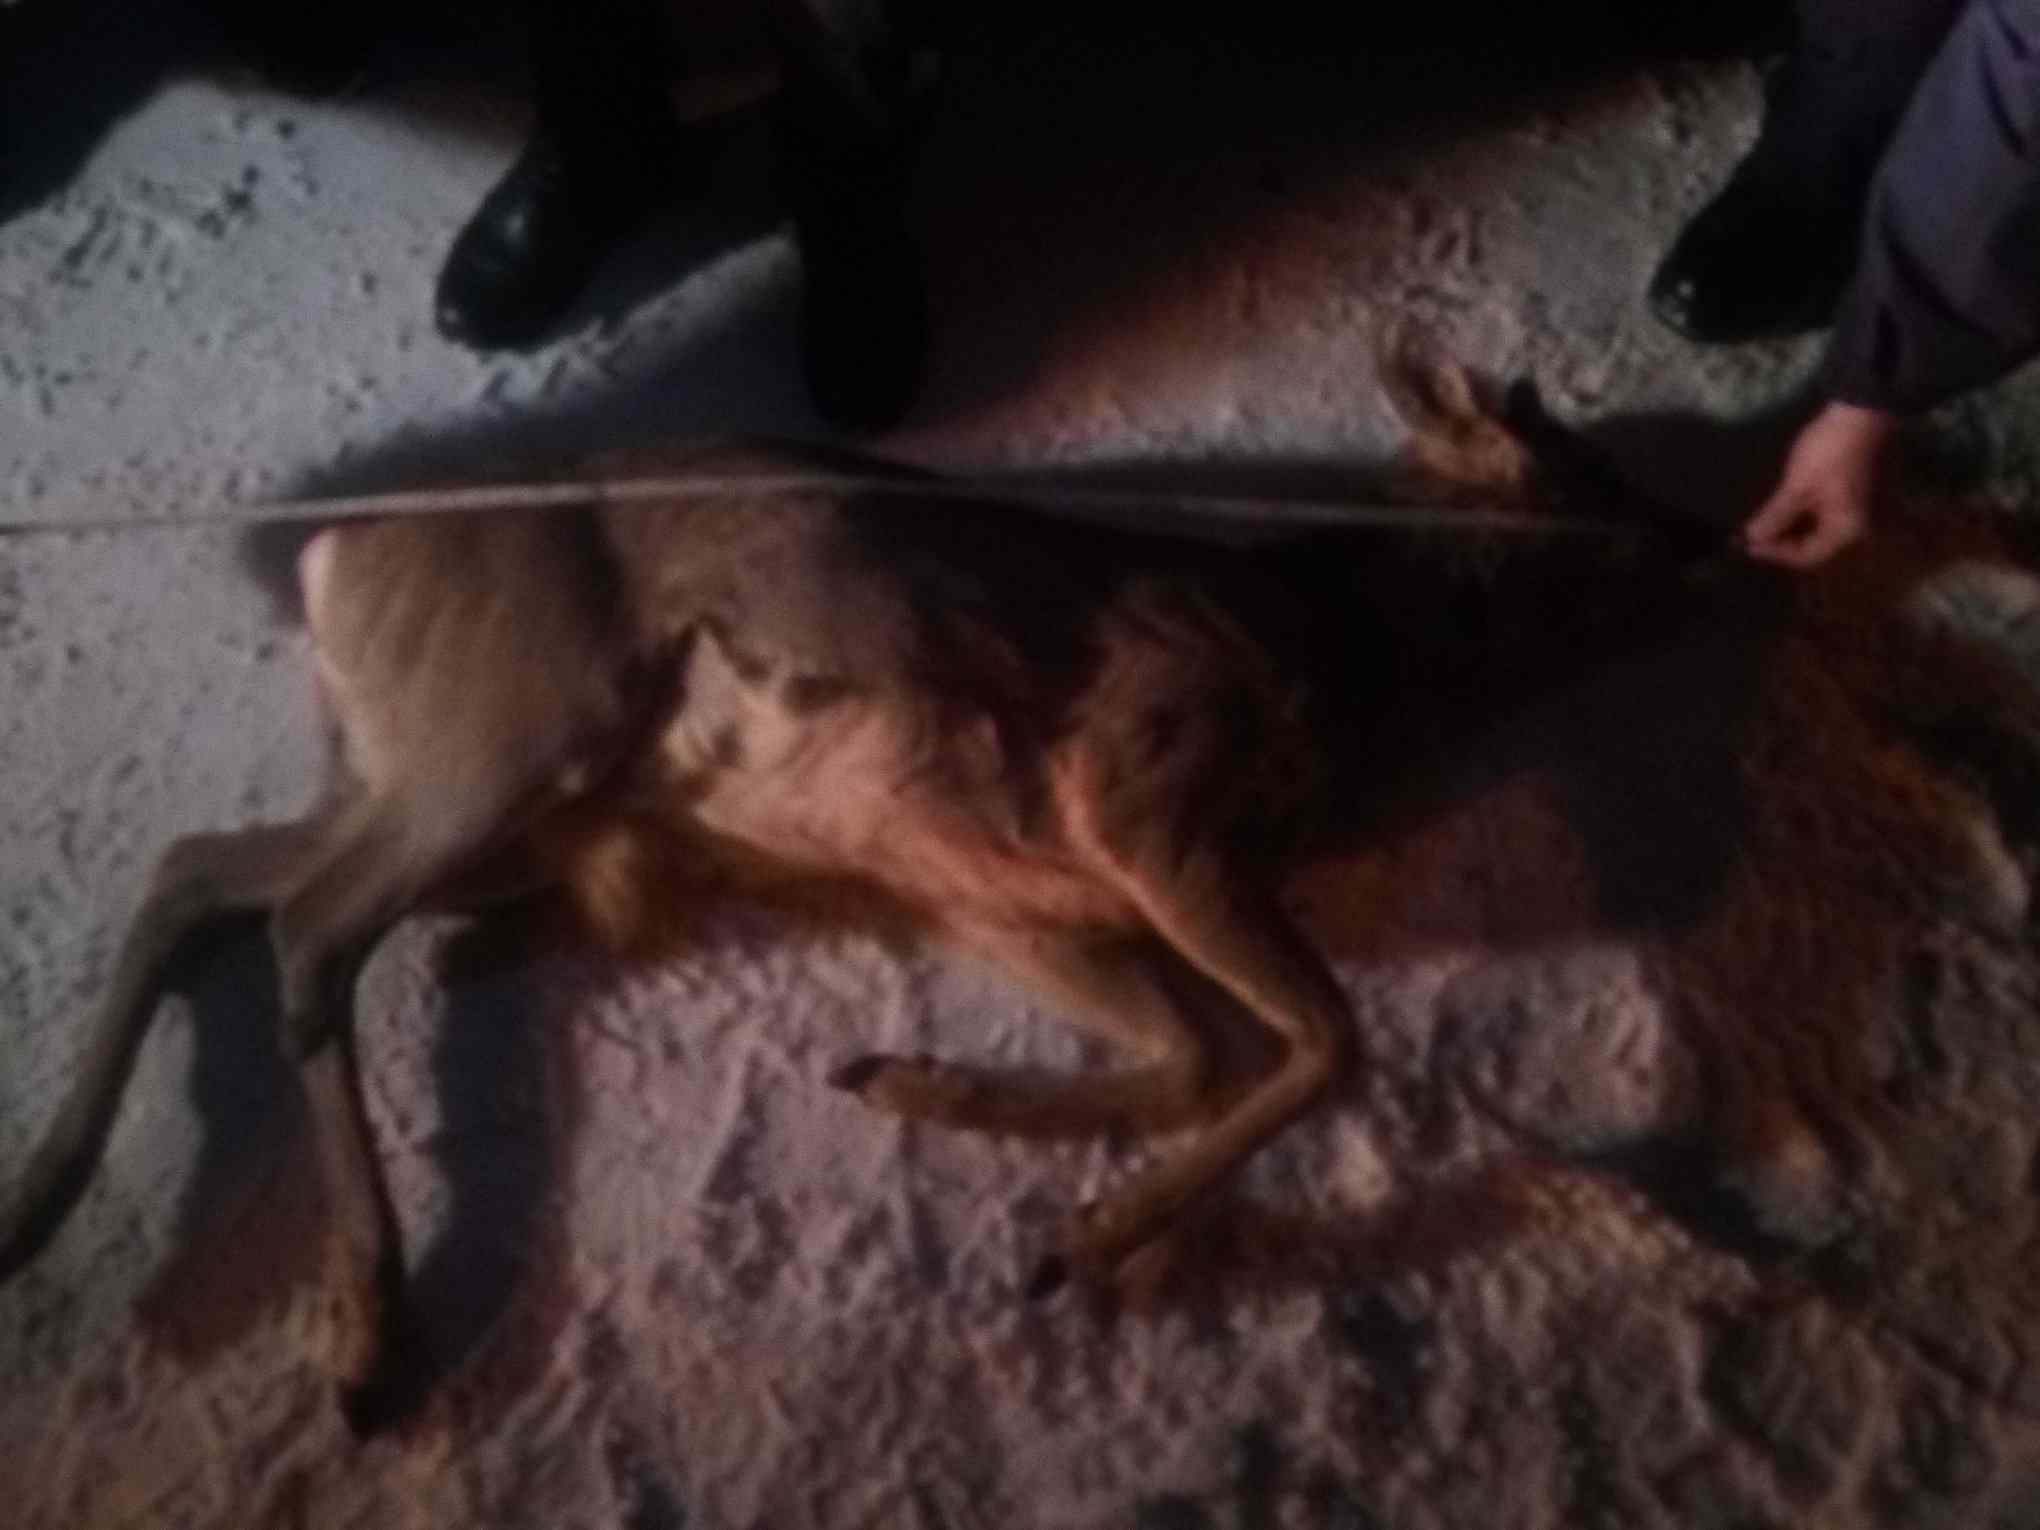 У Богородчанському районі поліція затримала озброєного чоловіка з вбитою косулею. Той пояснив, що тварину знайшов (ФОТО, ВІДЕО)